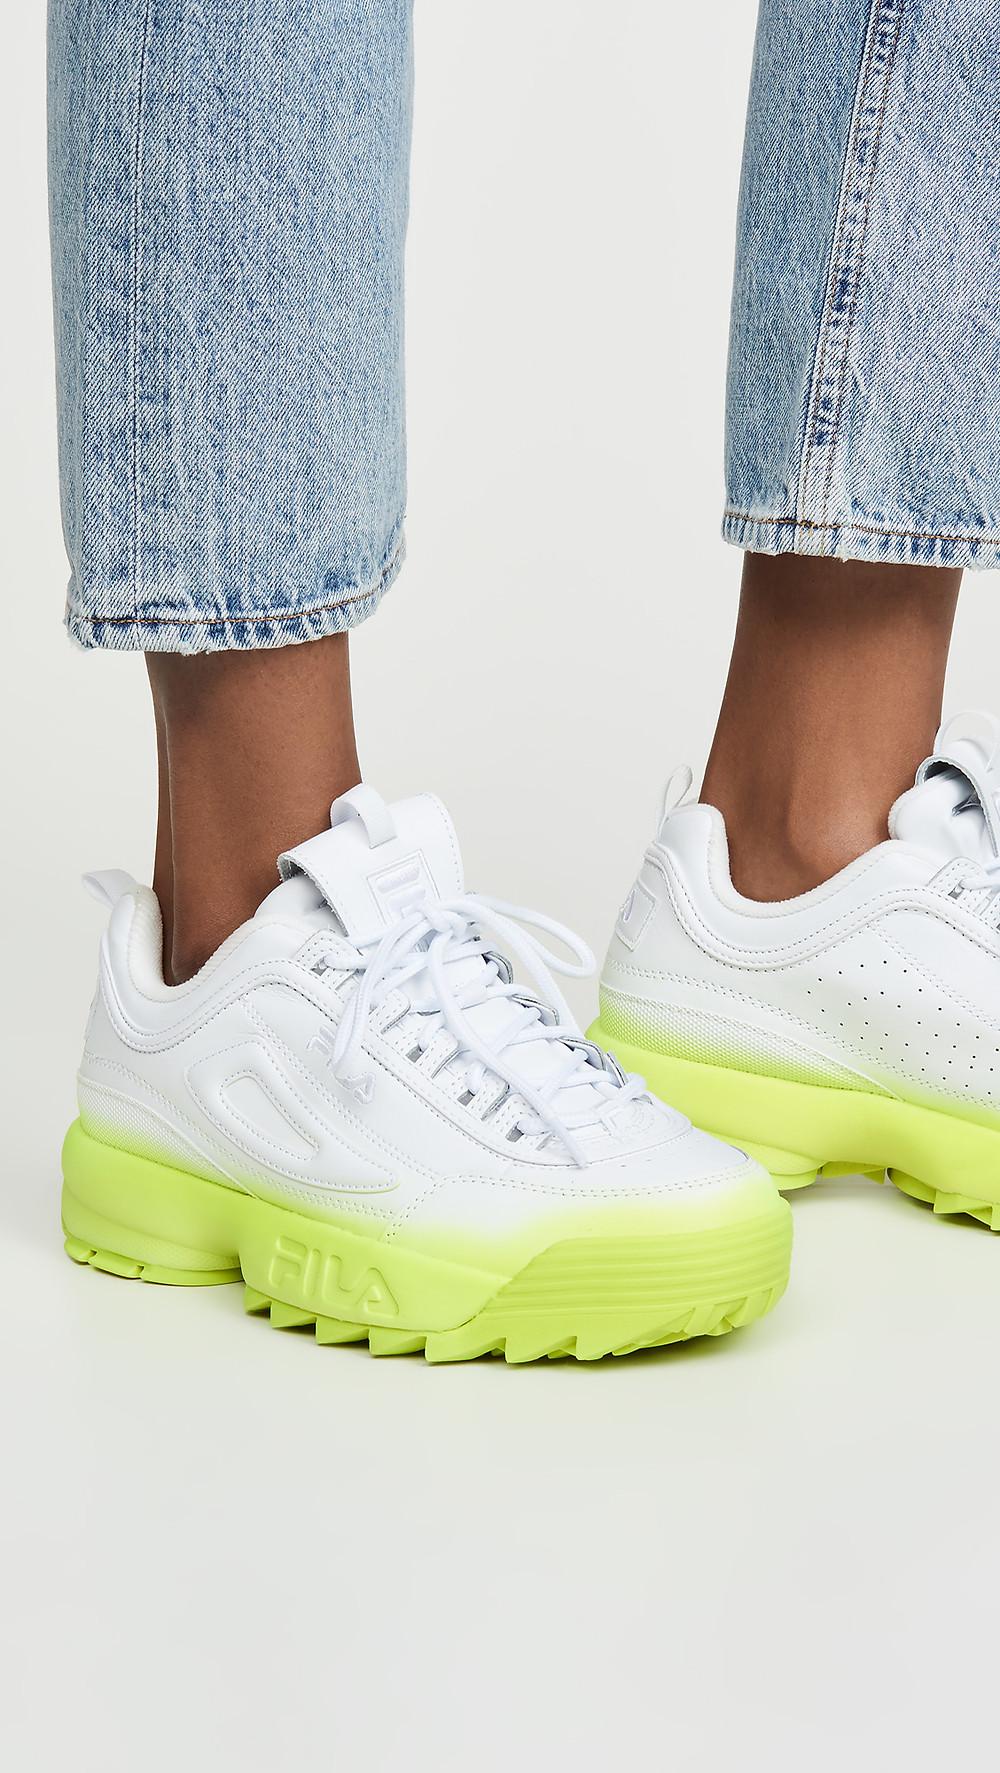 Fila Disruptor II Brights Fade Sneakers $75